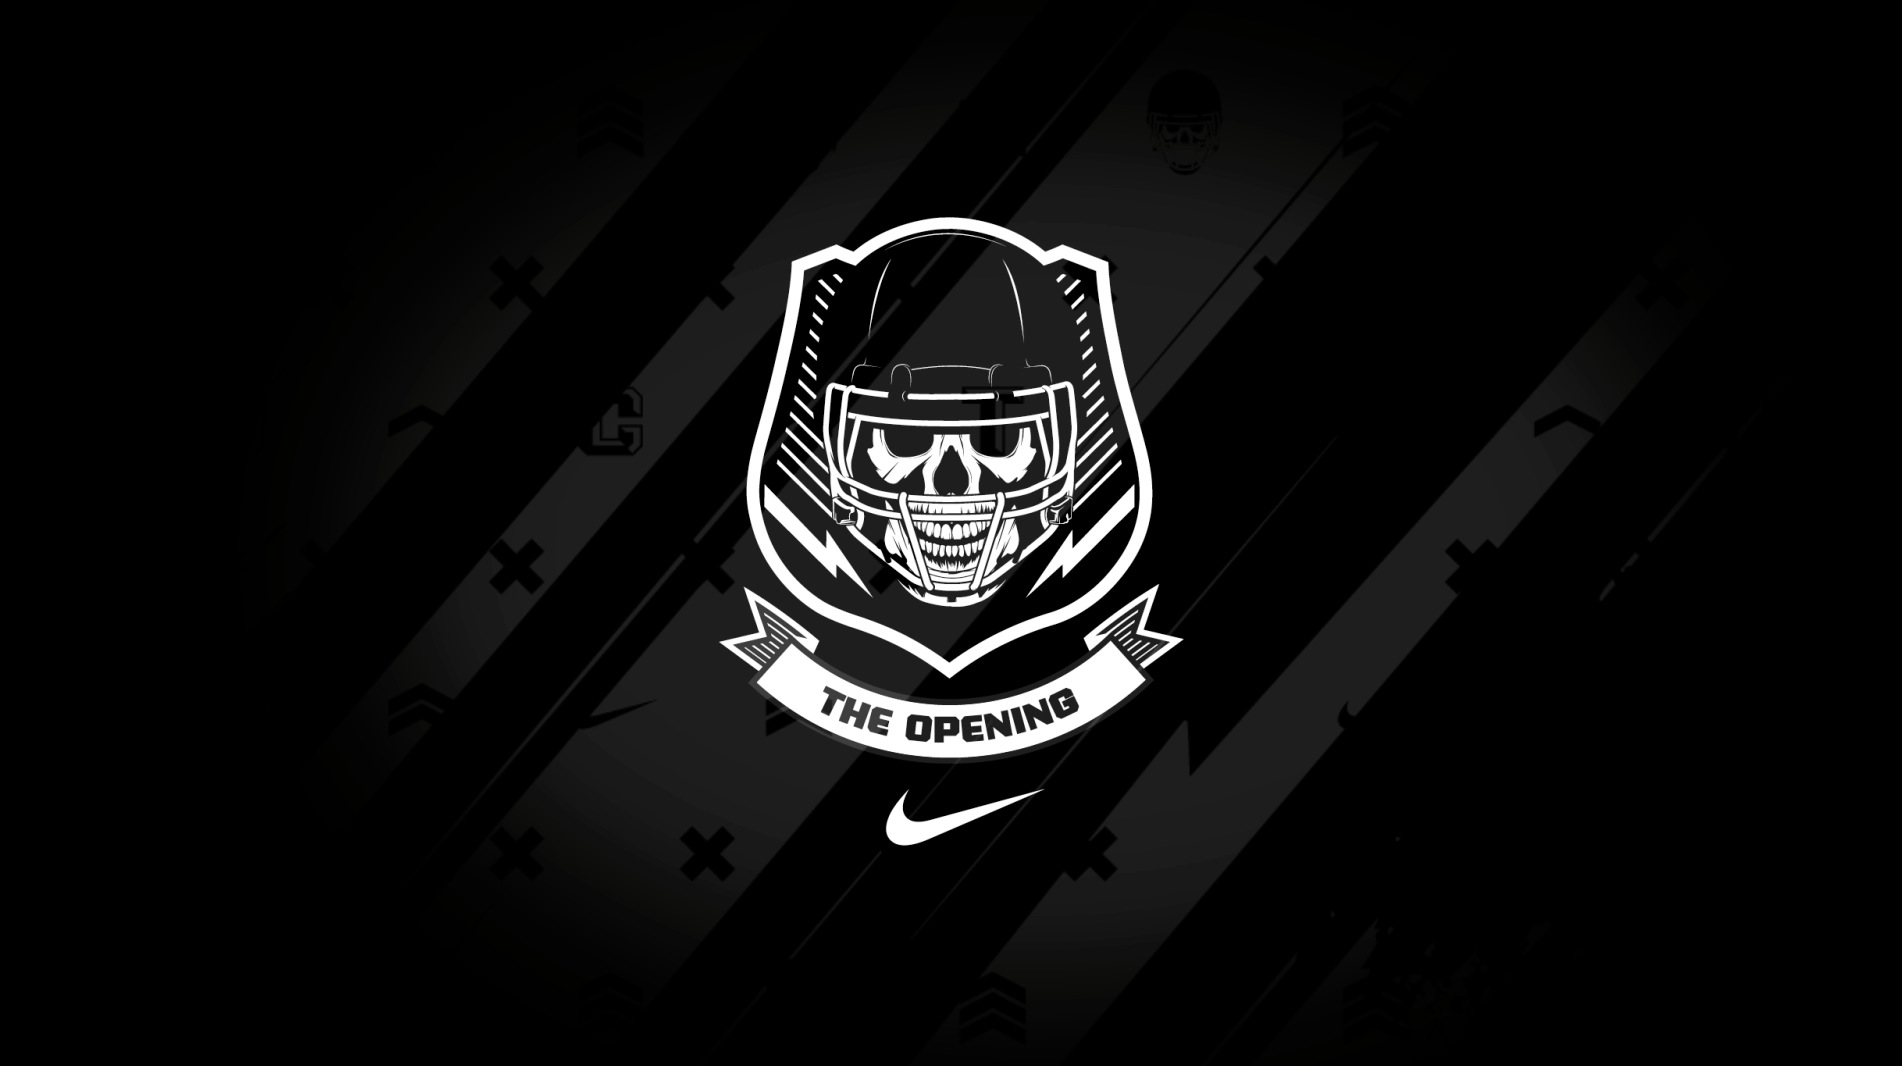 Instagram Com Nfl Football Grpahic Design